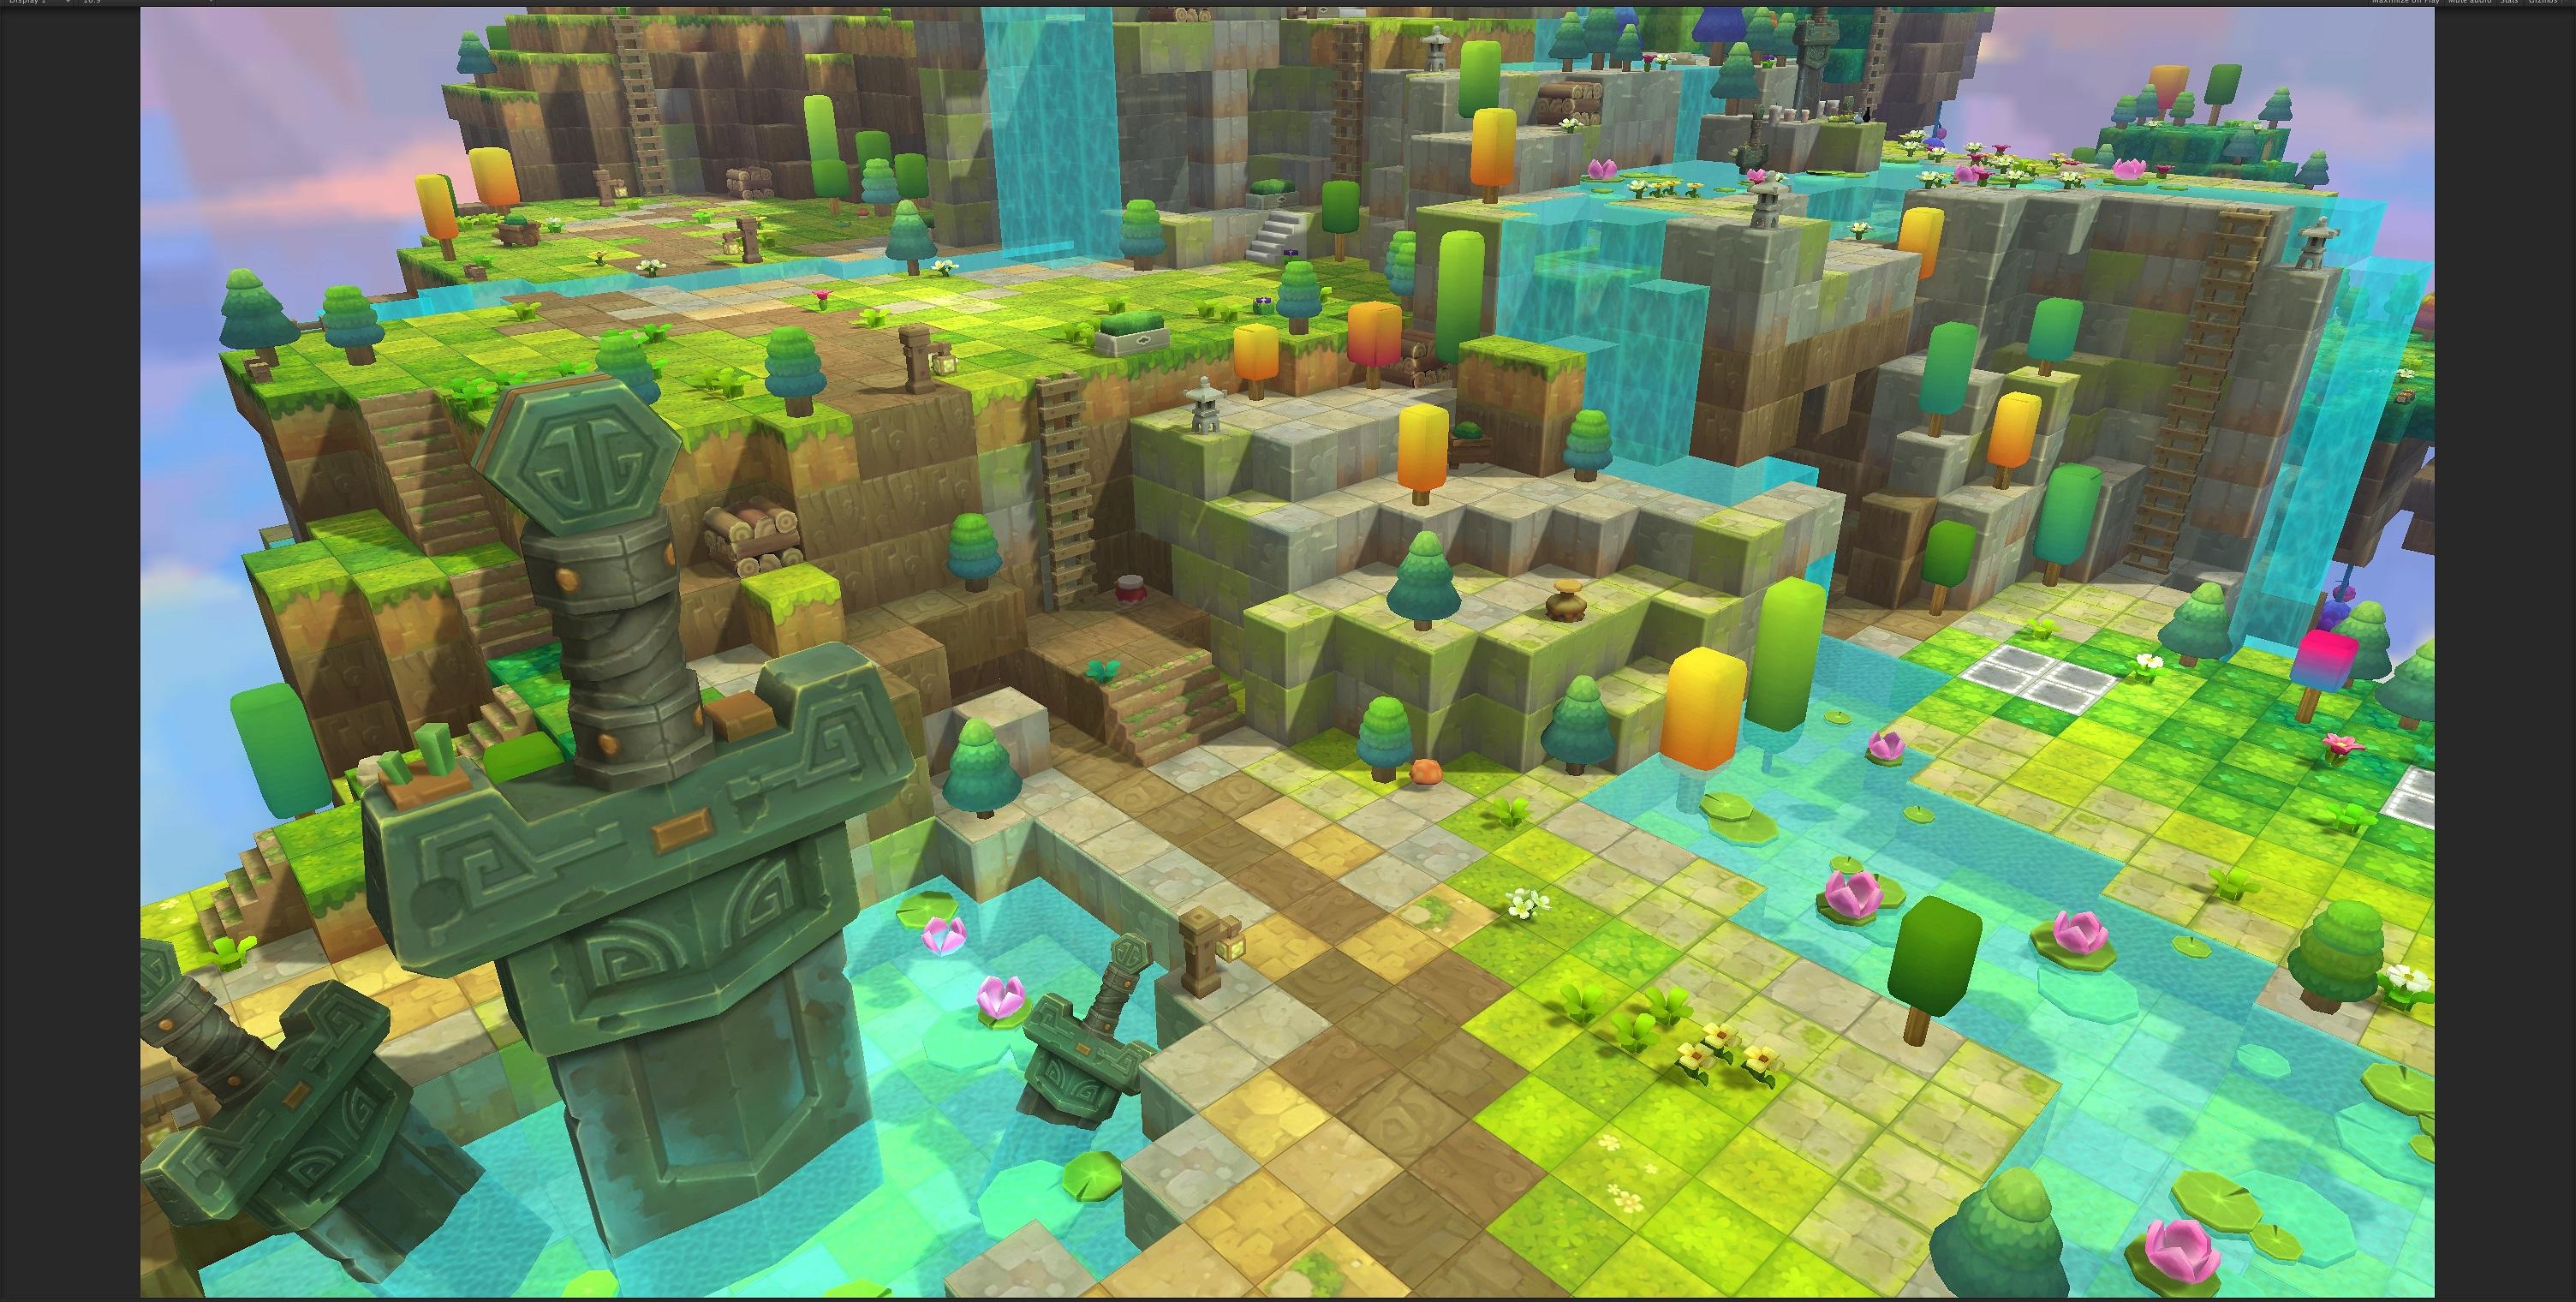 像素方块的世界 《侠物语》打破武侠游戏定律